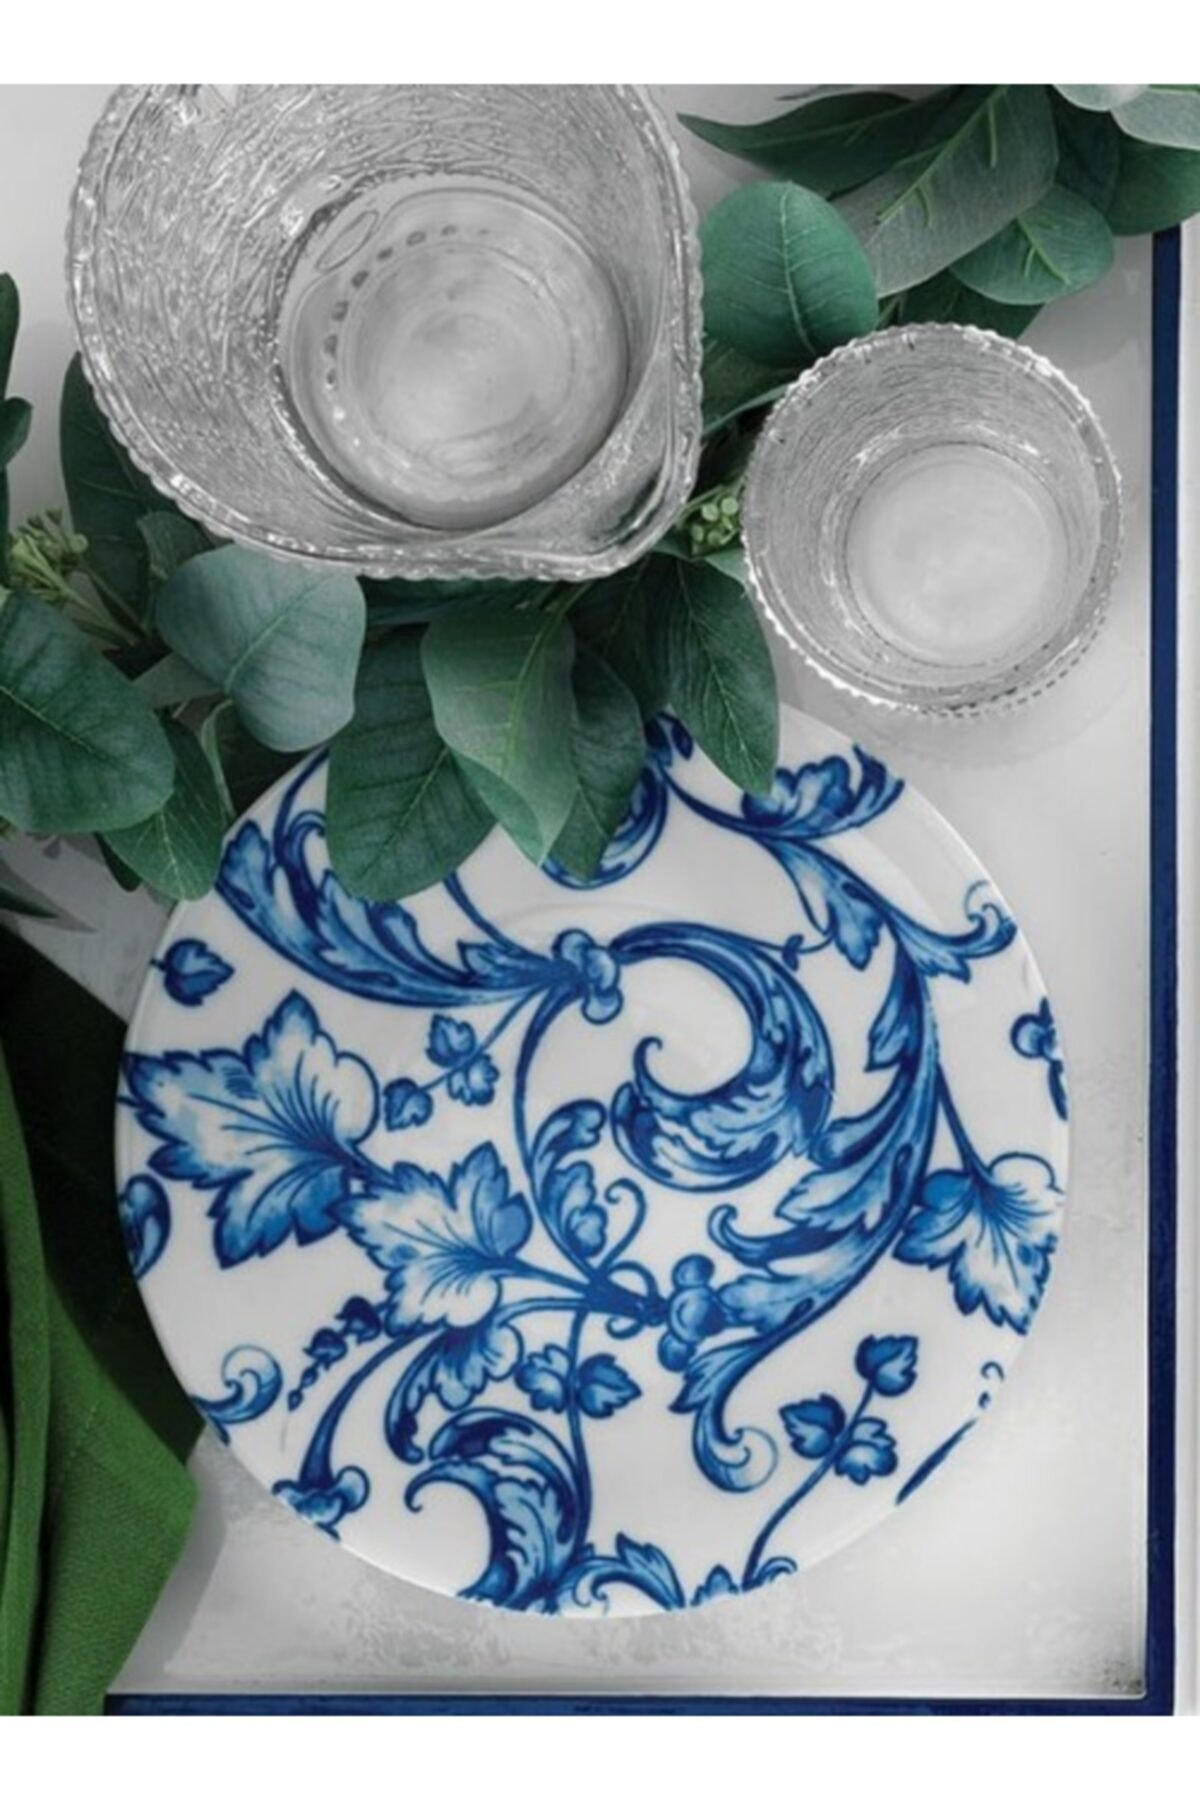 Kütahya Porselen Servis Tabağı 26 cm 6 Adet 880088 1